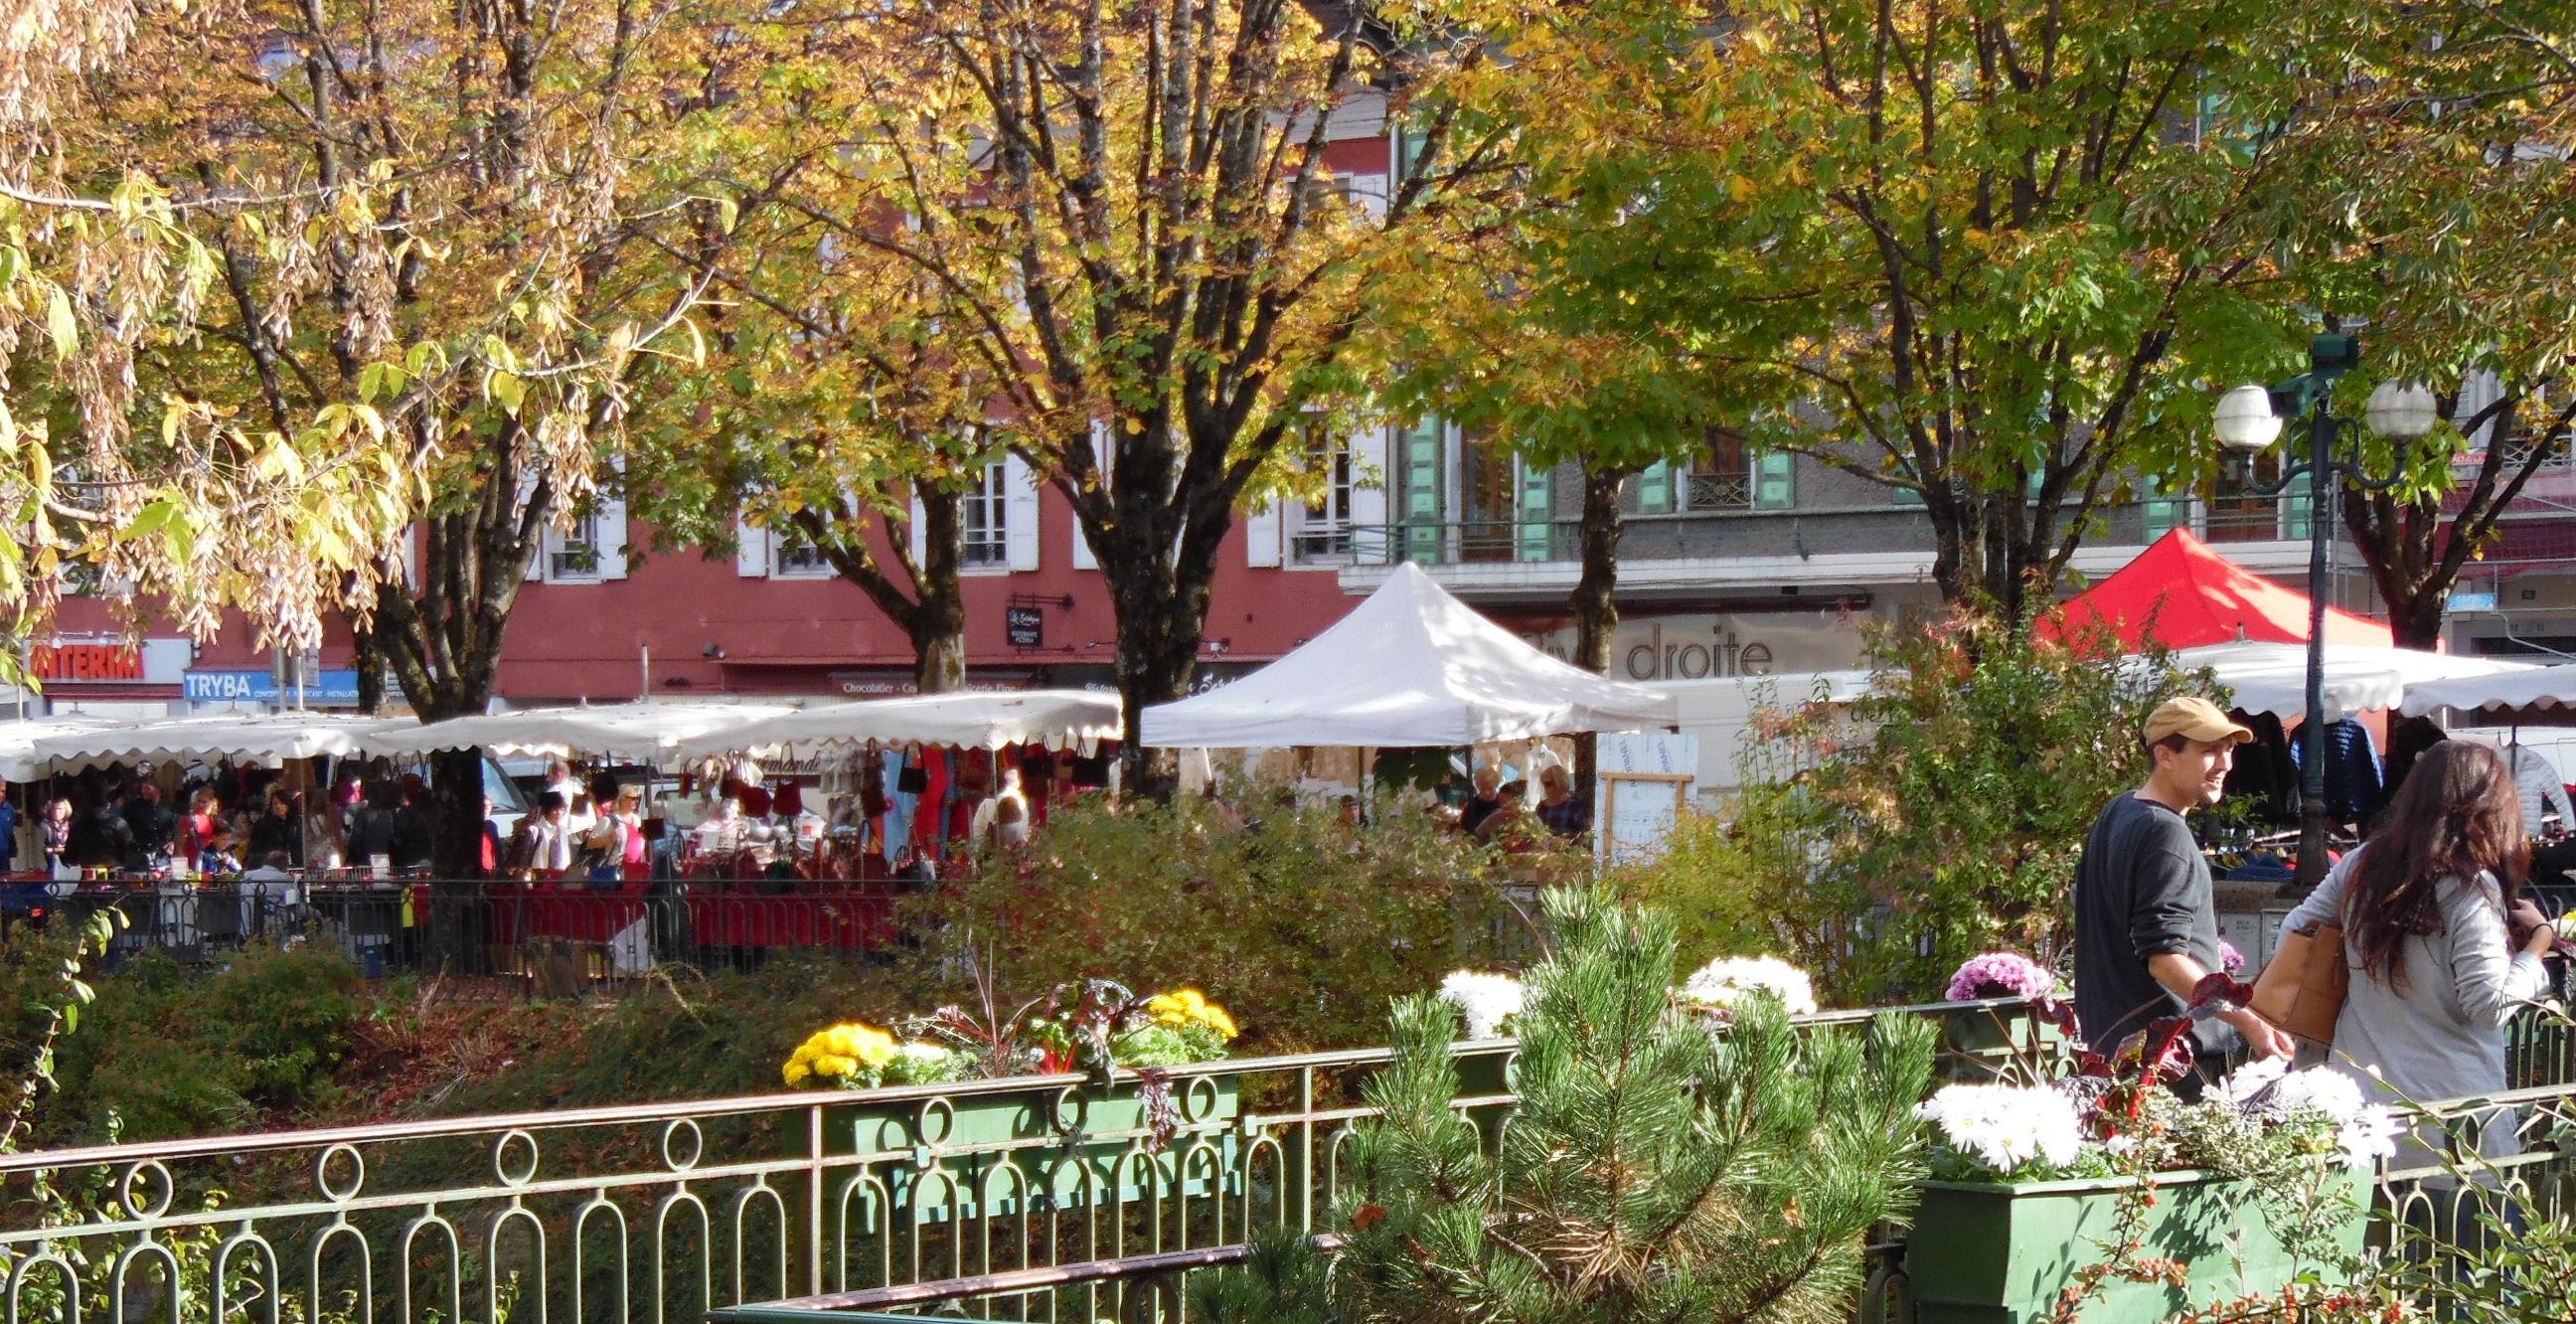 (PHOTOS) La Foire froide de Sallanches, l'événement incontournable de l'automne